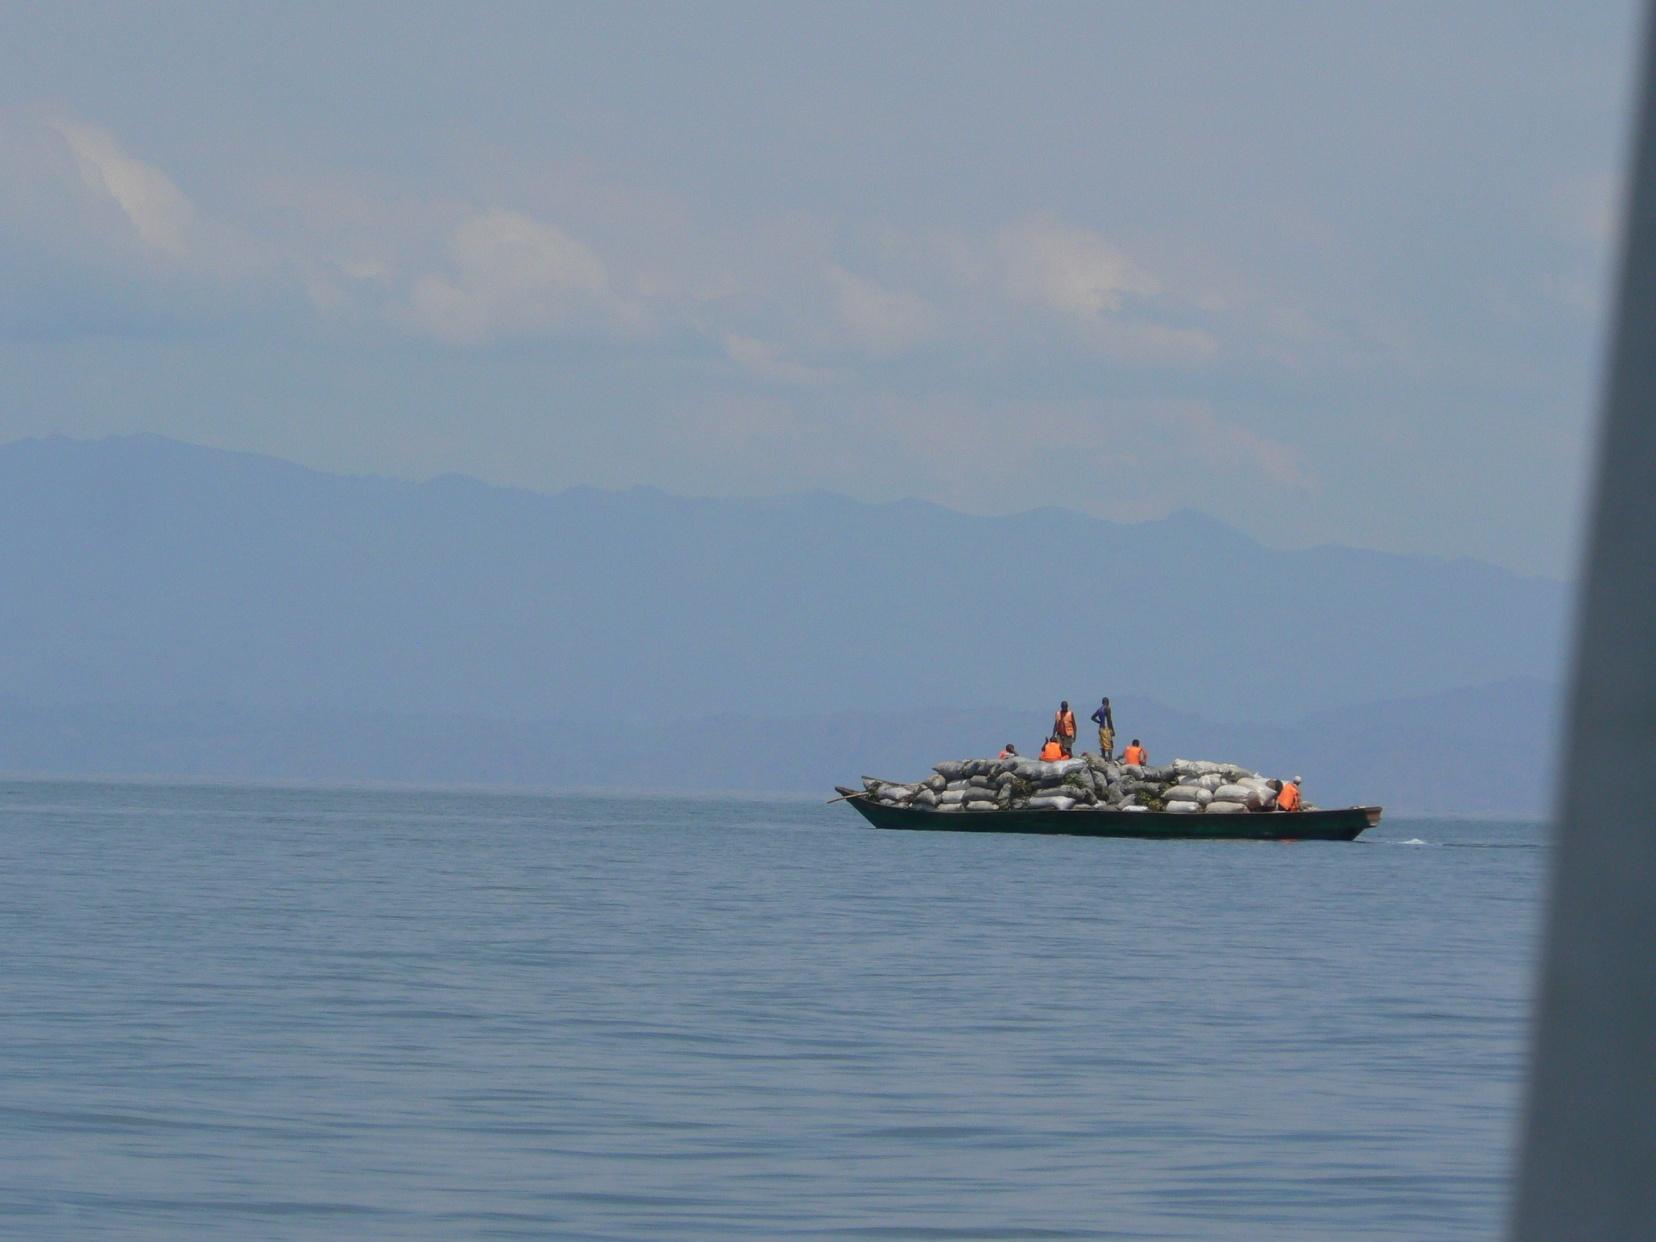 Rwandaコーヒーボート